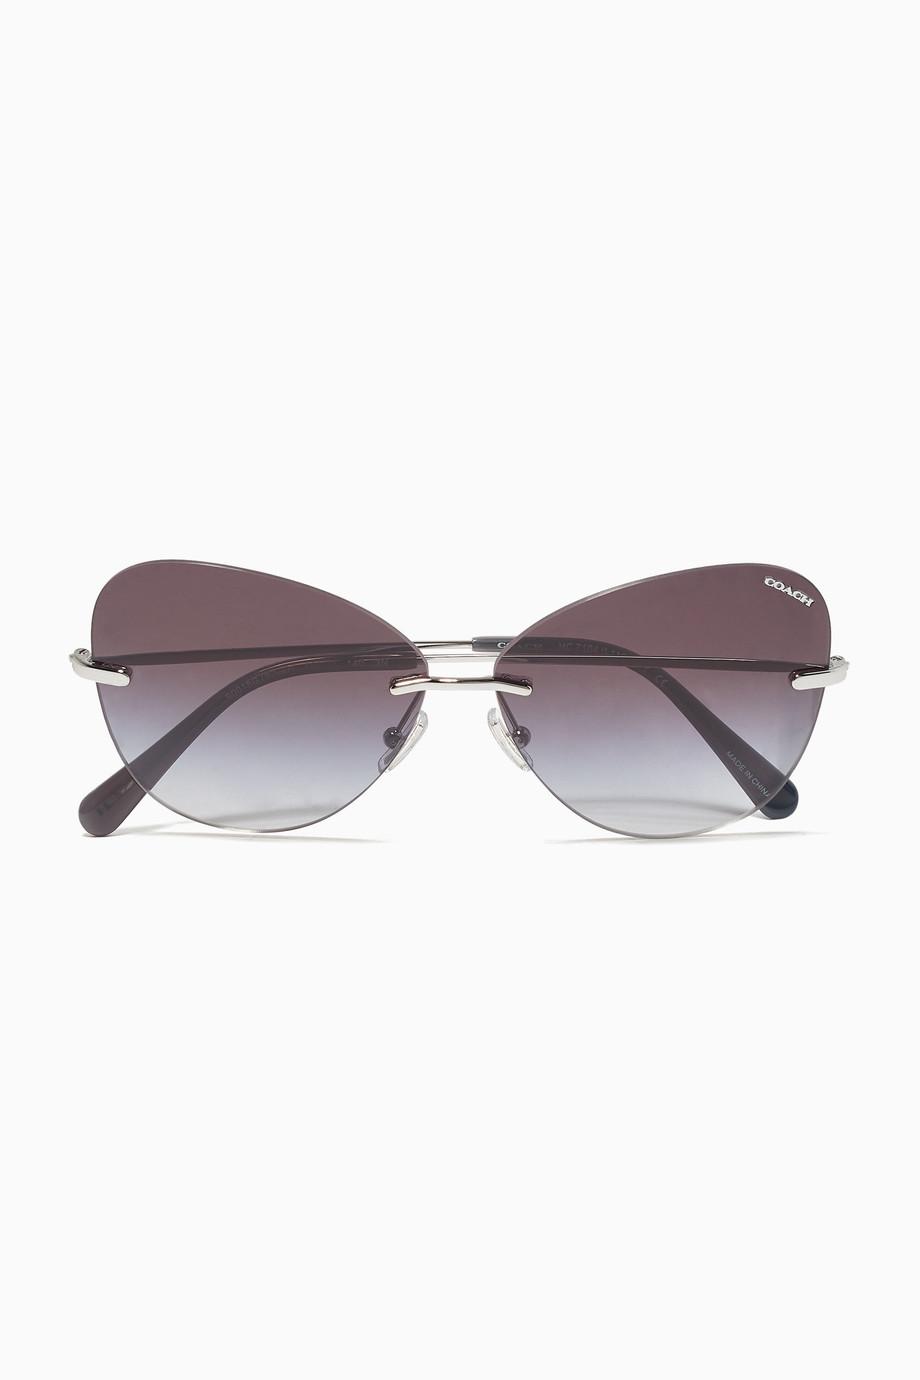 656d559102 Shop Coach Silver Lens Applique Butterfly Sunglasses for Women ...